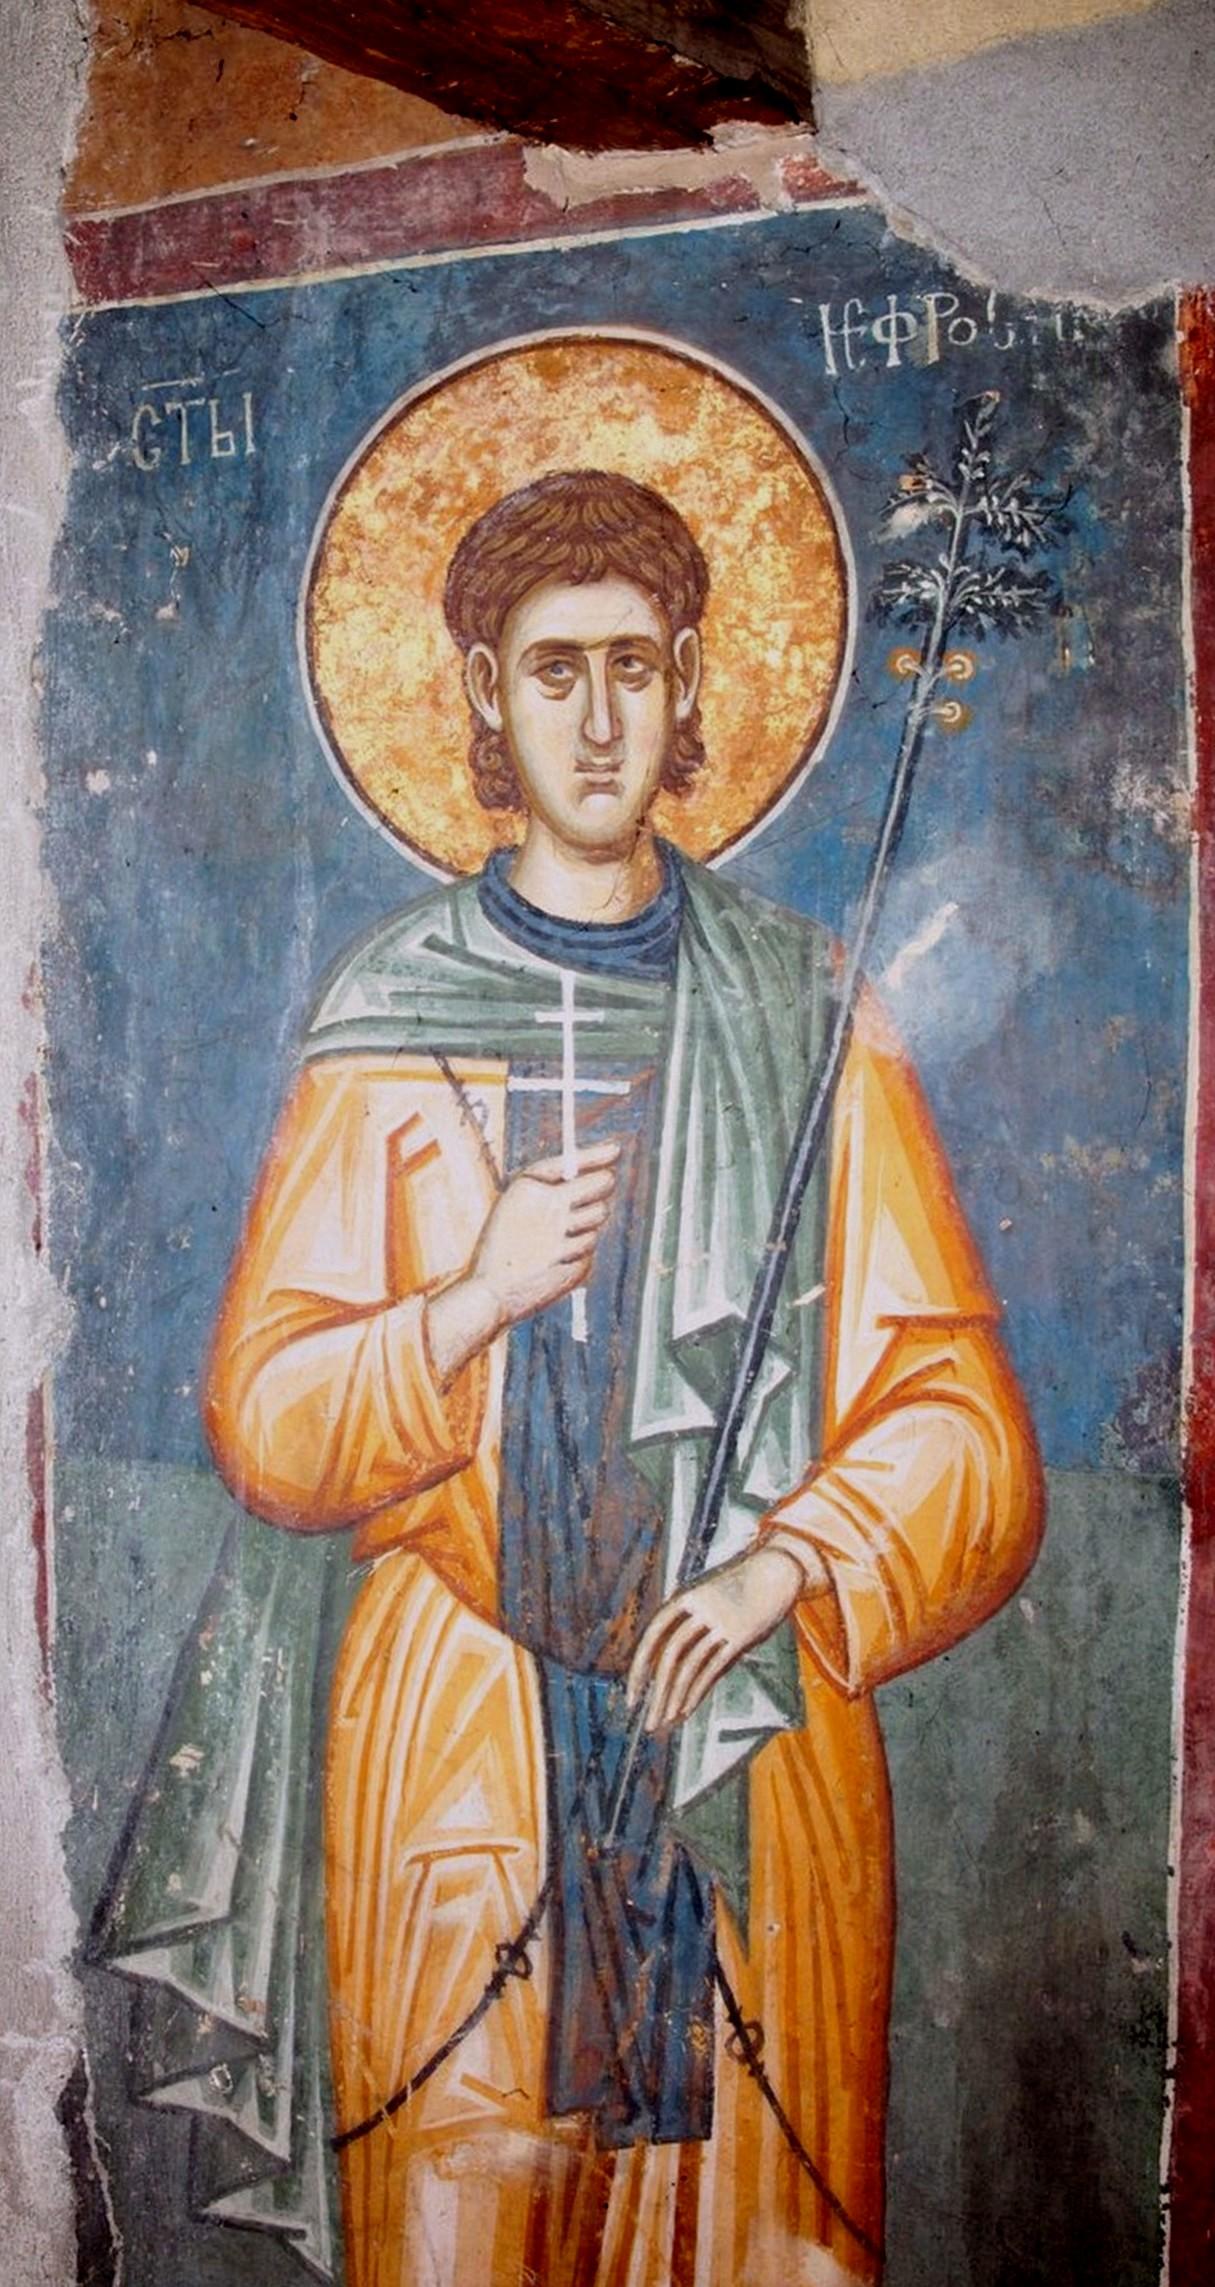 Святой Преподобный Евфросин Палестинский, повар. Фреска монастыря Высокие Дечаны, Косово, Сербия. Около 1350 года. Фрагмент.